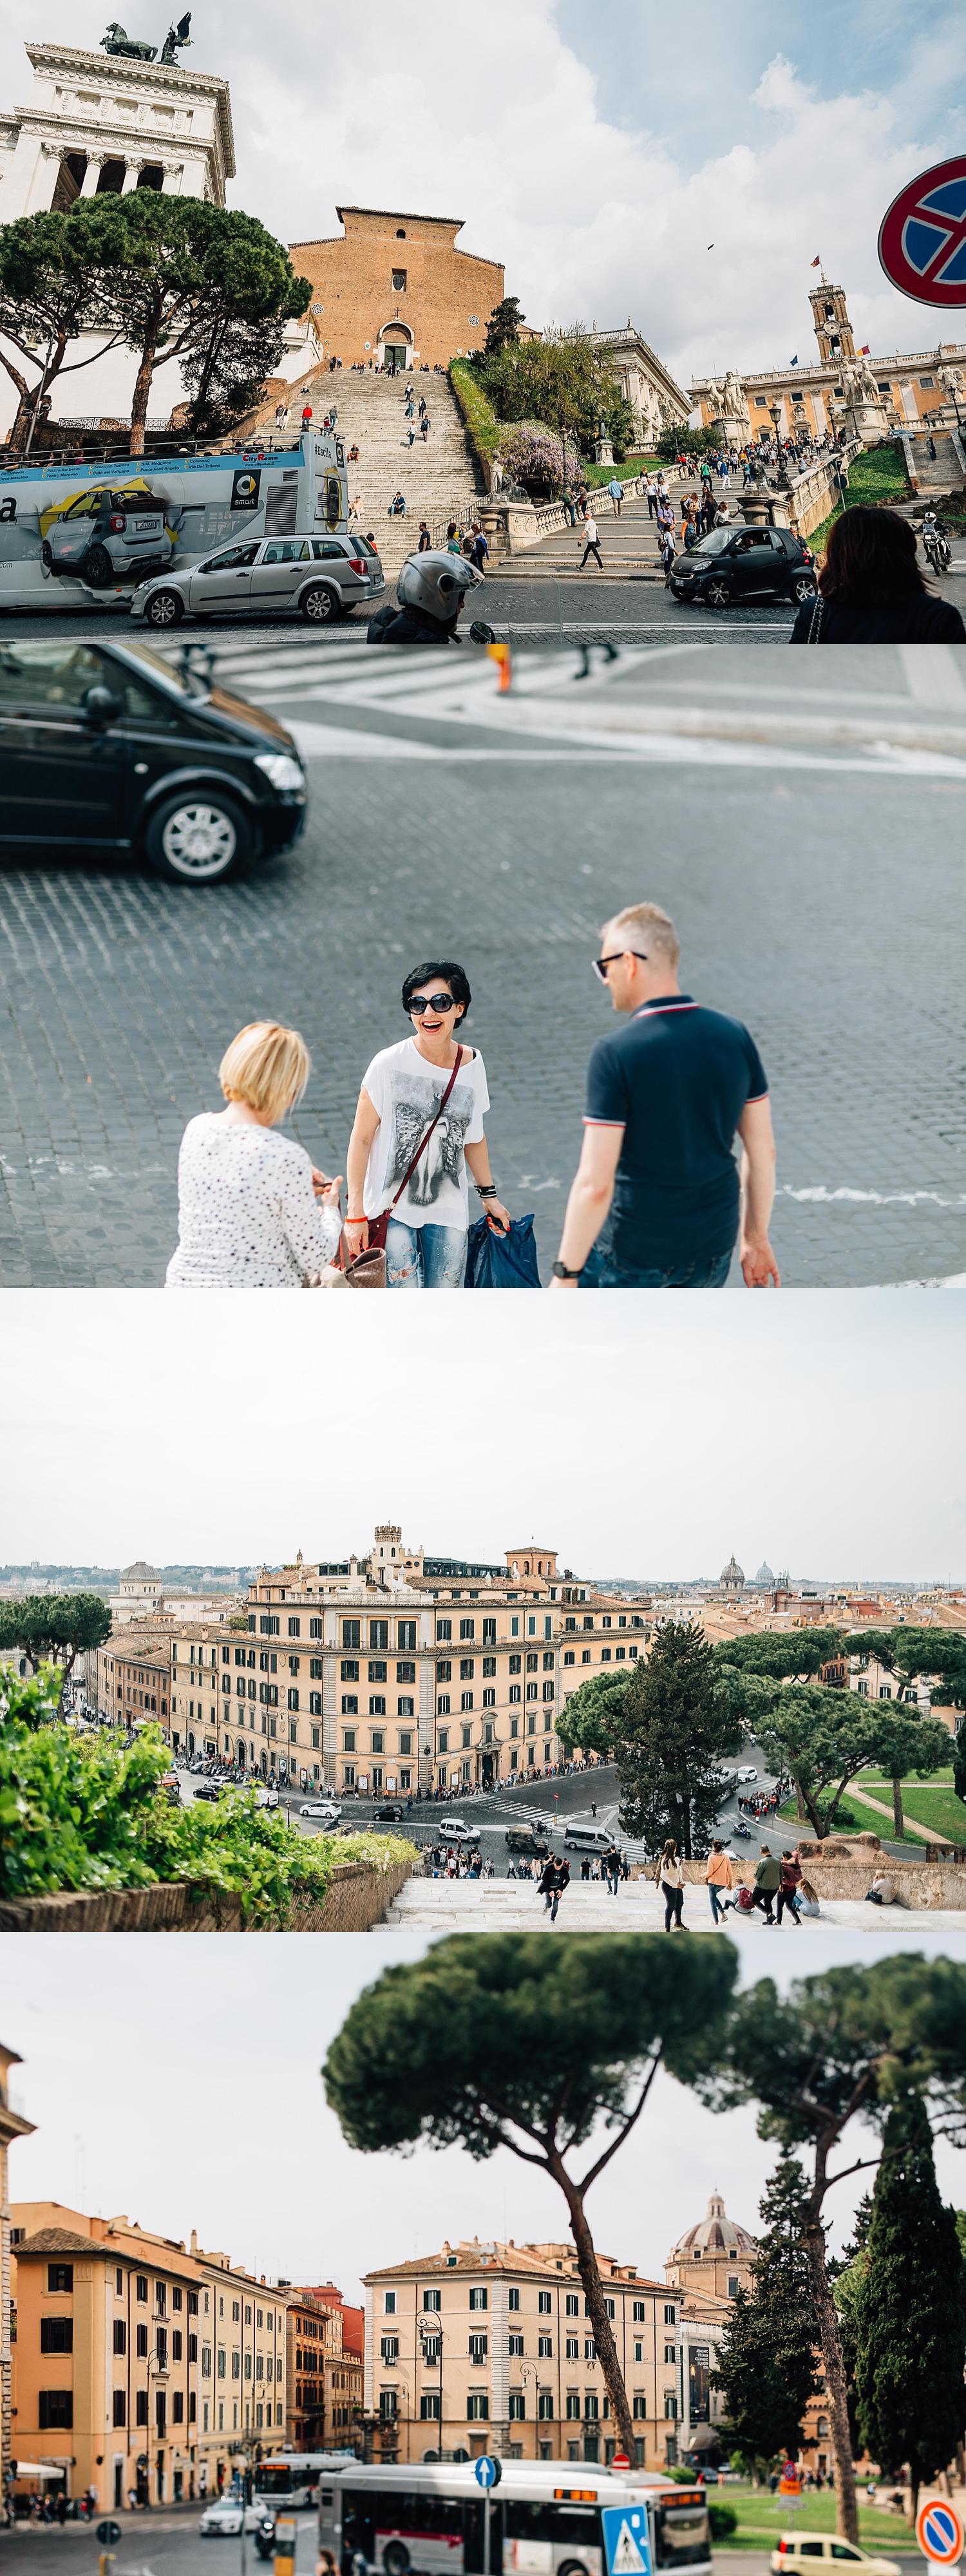 Near the Piazza del Campidoglio